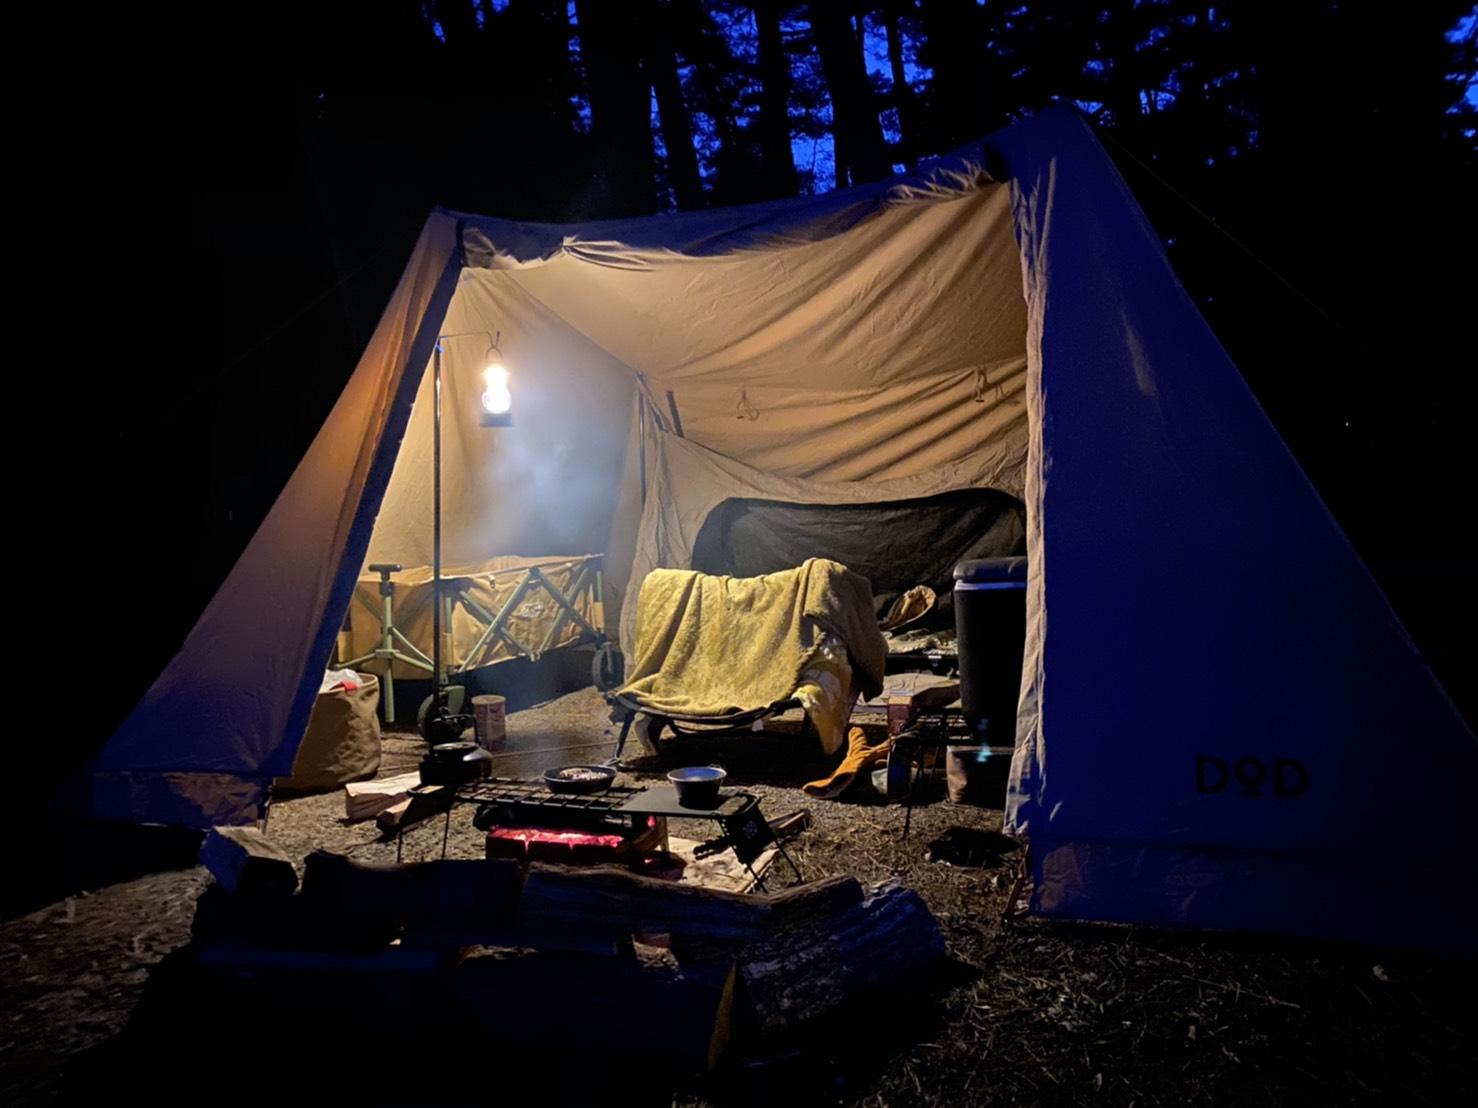 冬のソロキャンプで快適に過ごす方法とは